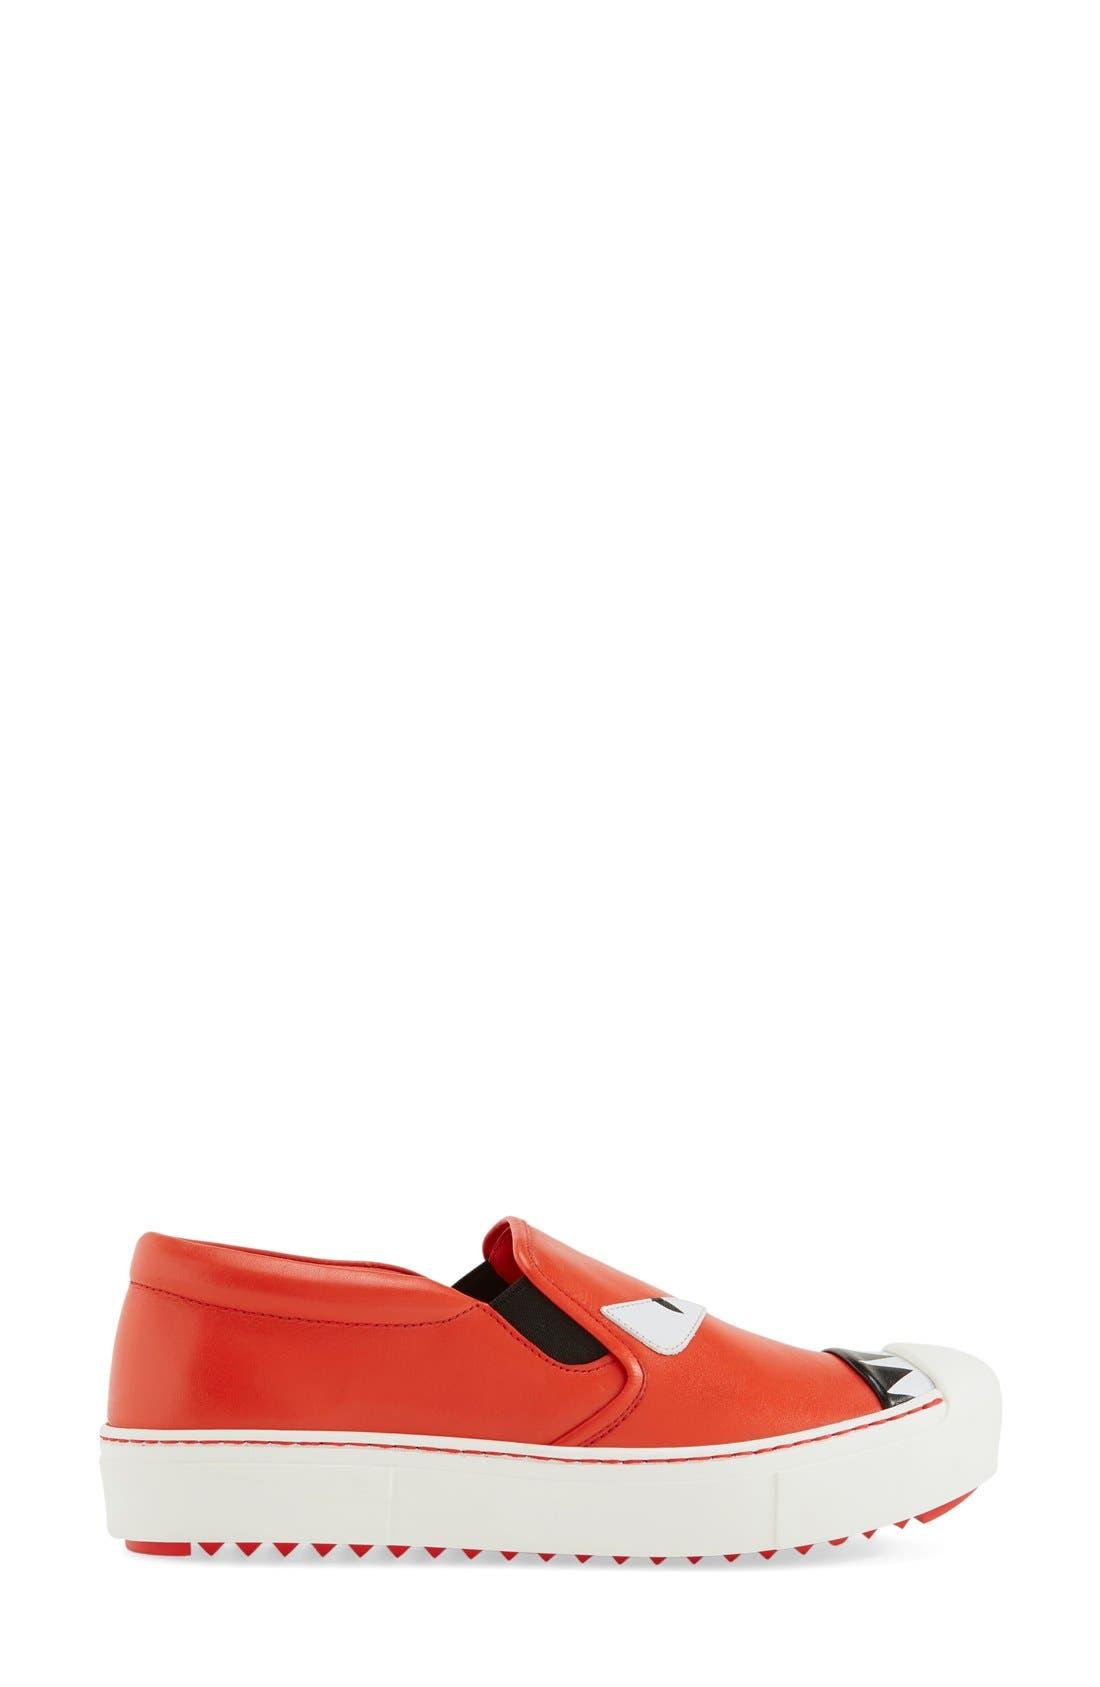 Monster Sneaker,                             Alternate thumbnail 4, color,                             Papvero Leather